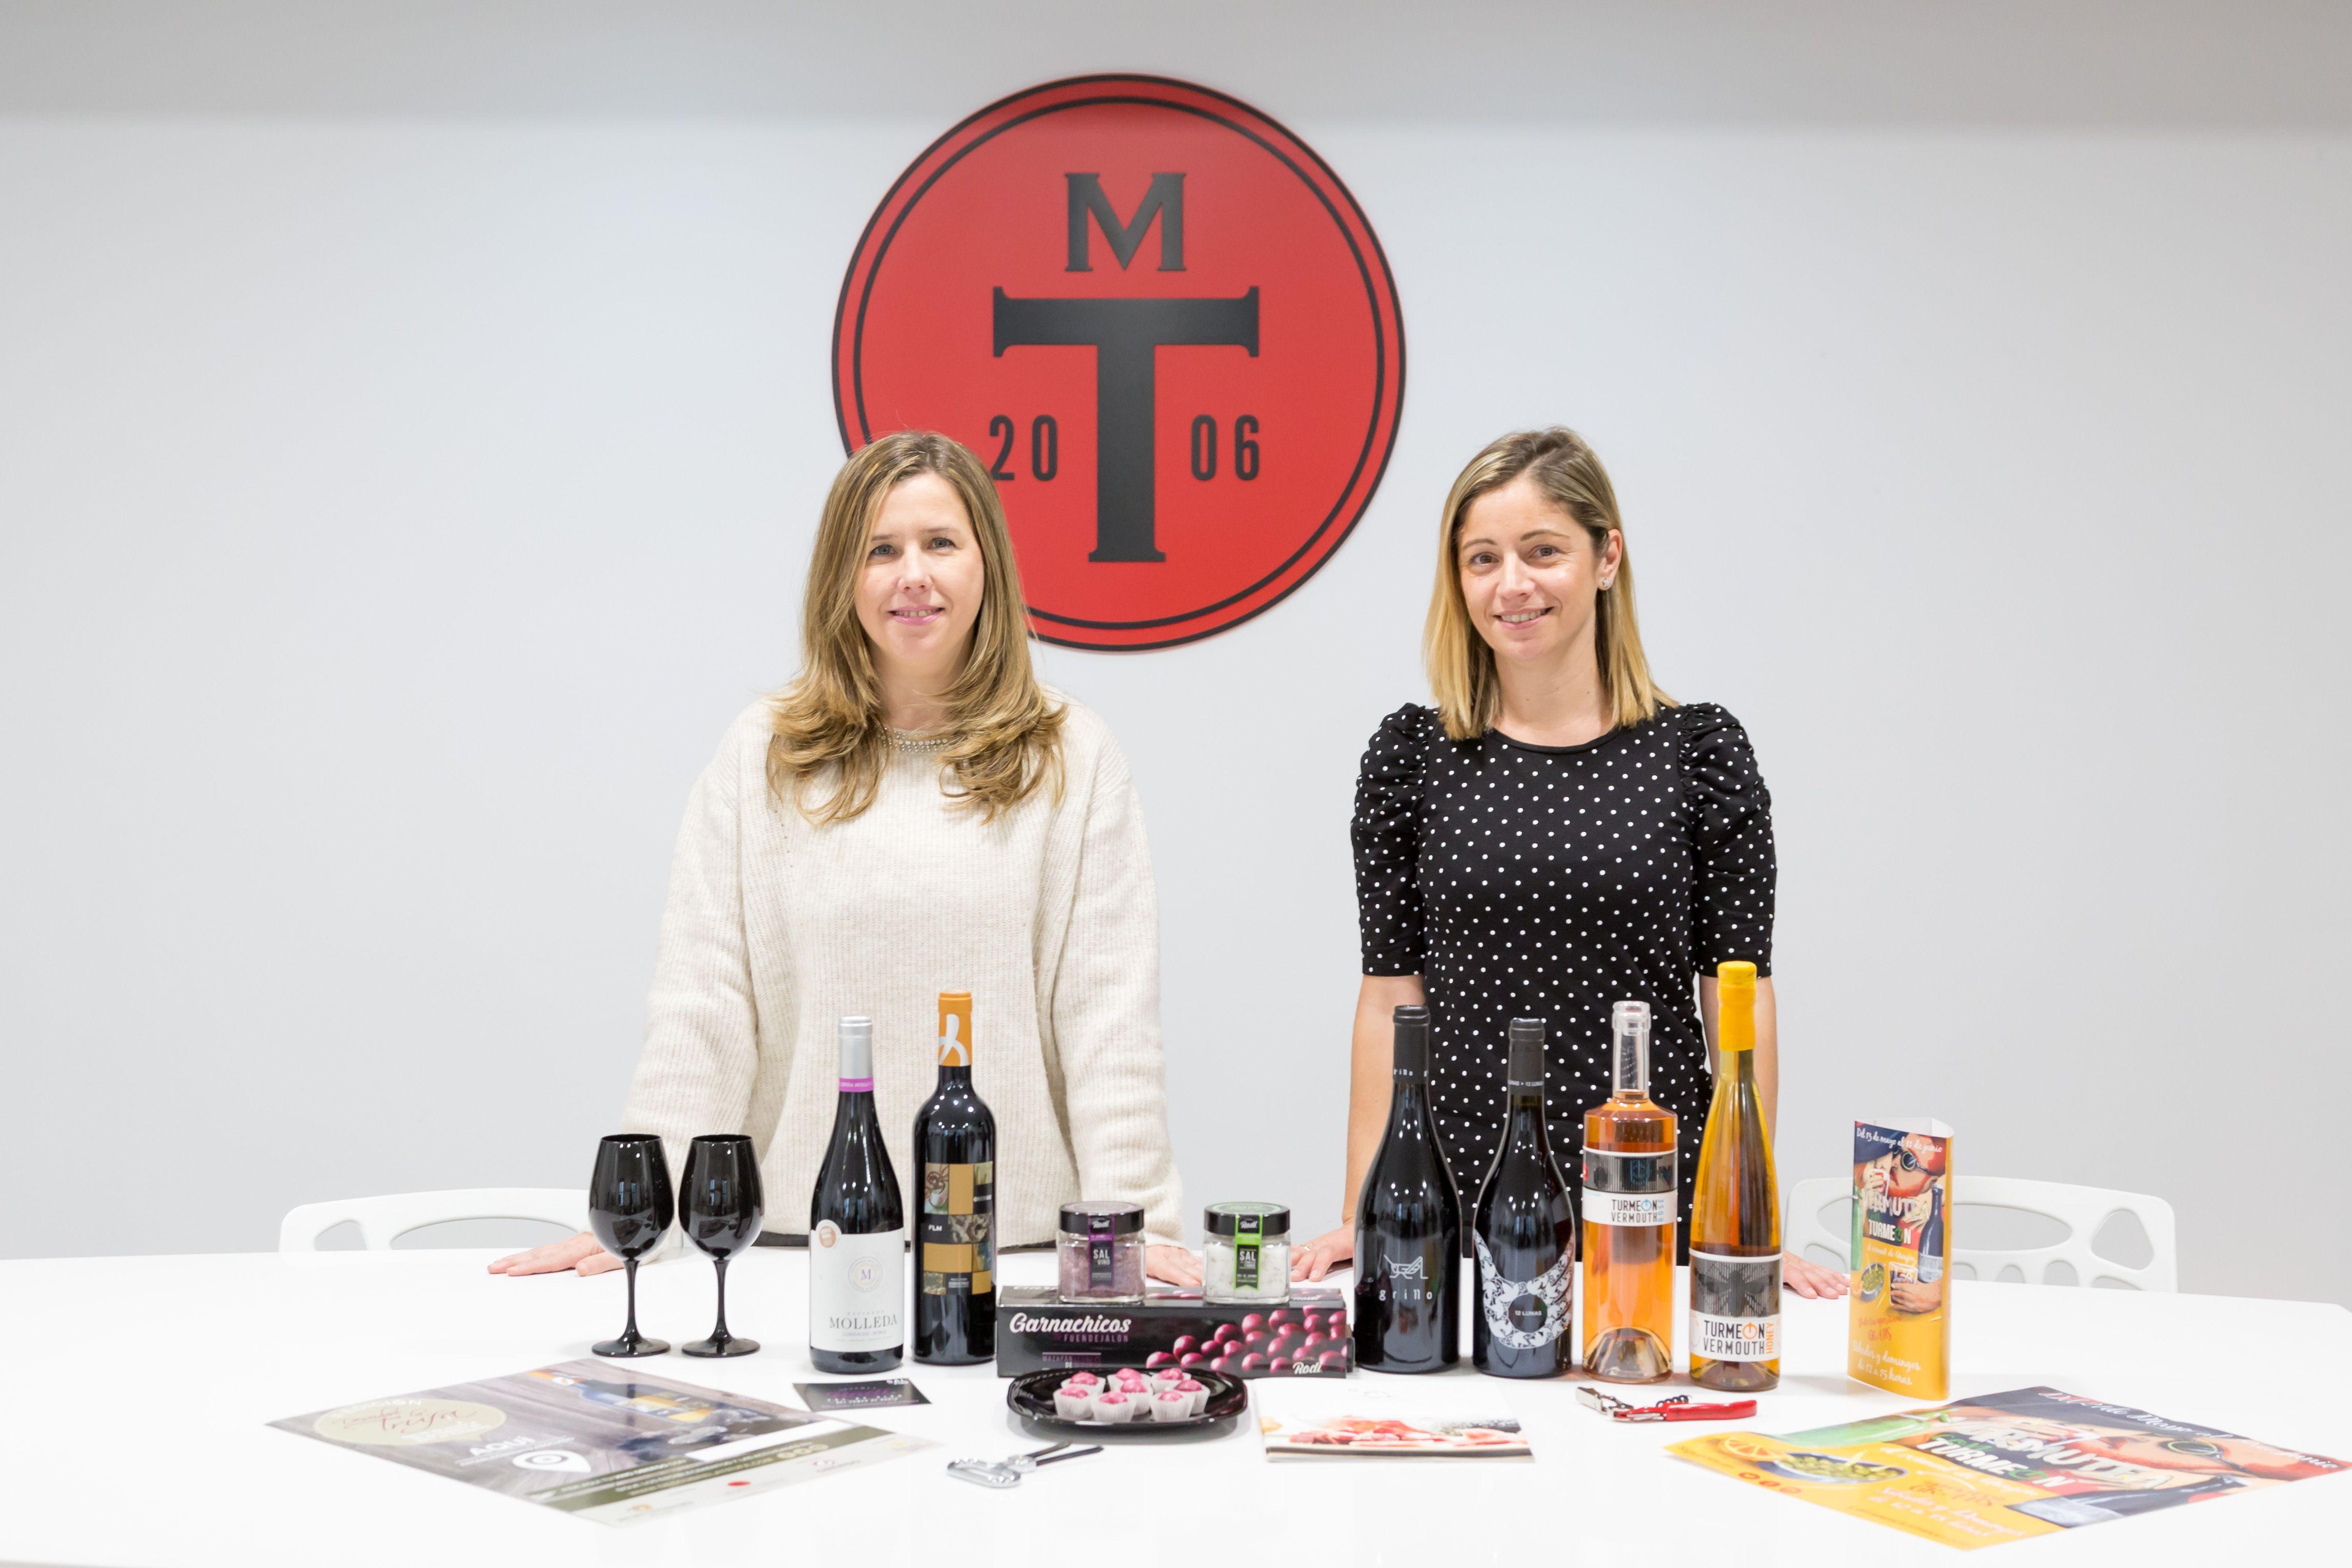 """-Entrevista para El Economista -Marta Tornos: """"No sirve de nada tener un buen producto si no lo comunicas"""""""